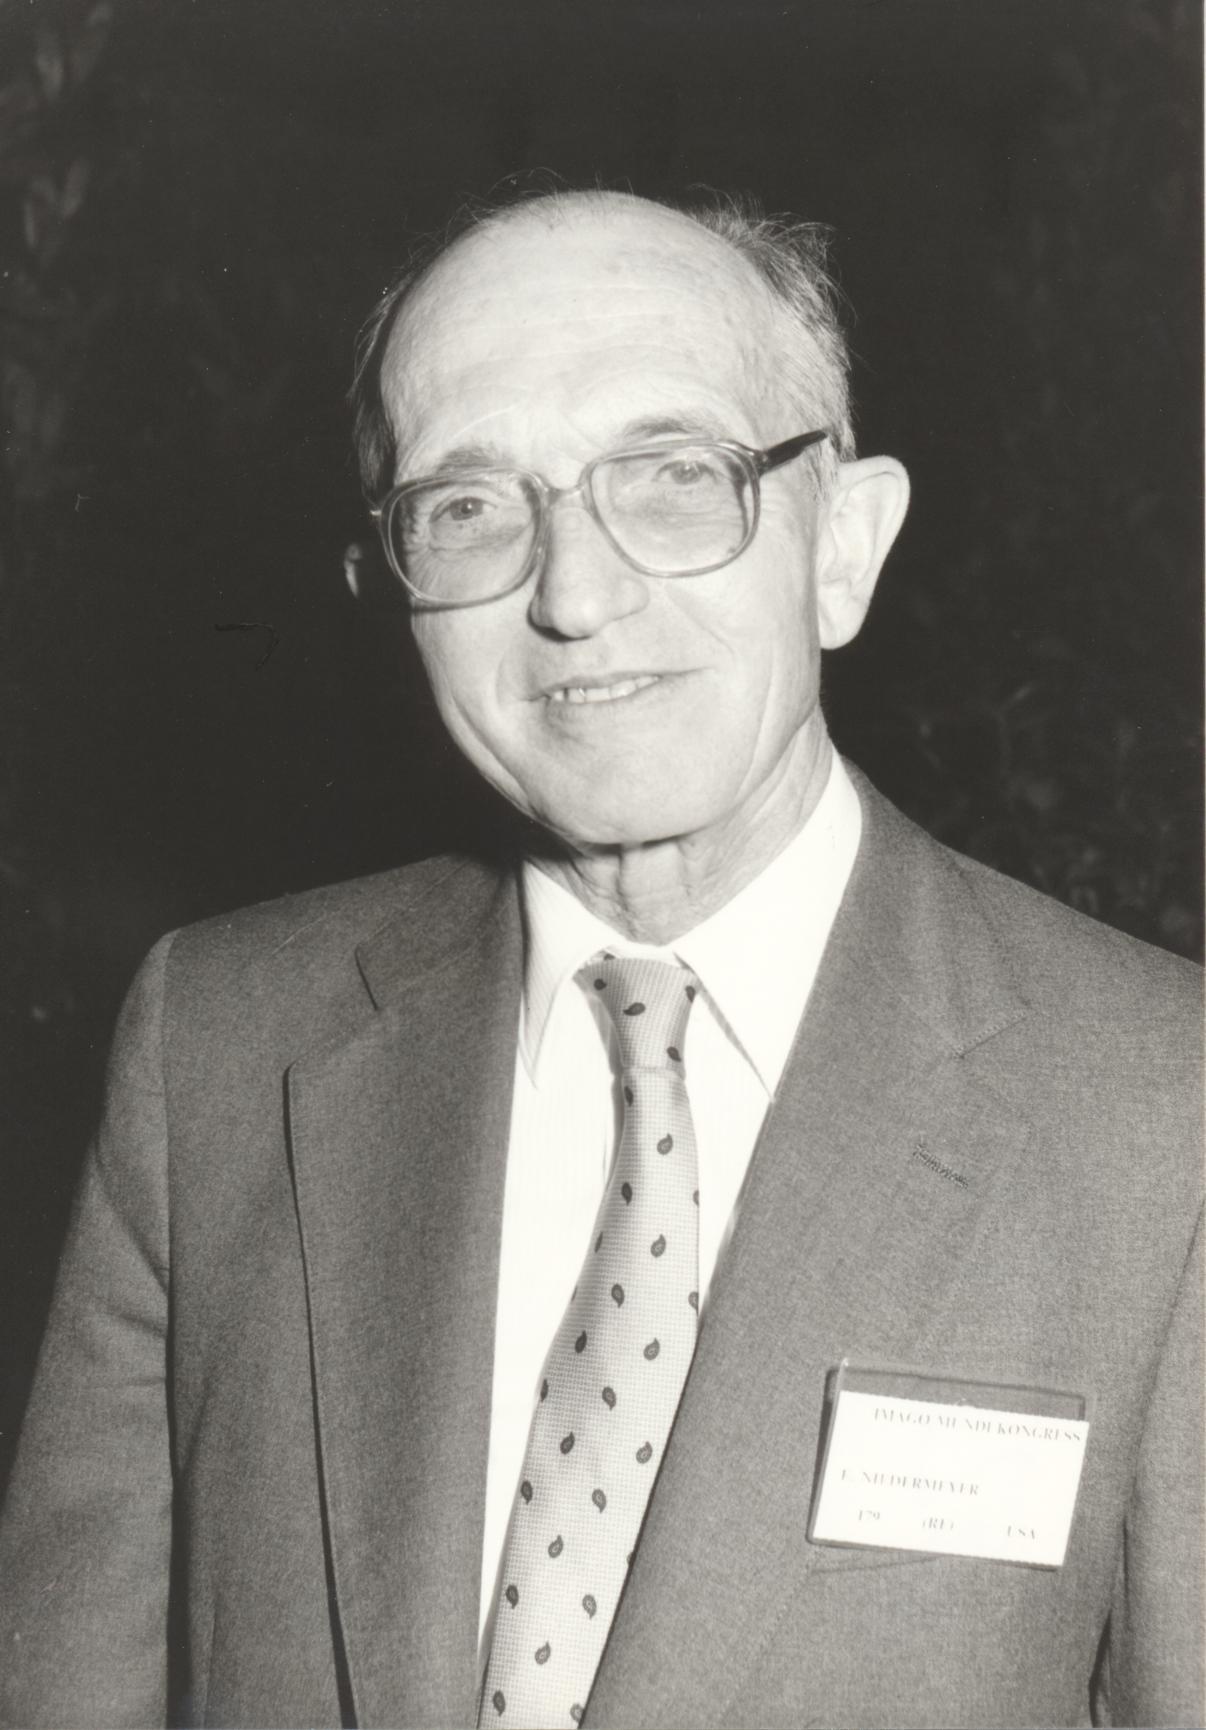 XII. Imago Mundi-Kongress 1989, Innsbruck, Prof. Dr. Ernst Niedermeyer